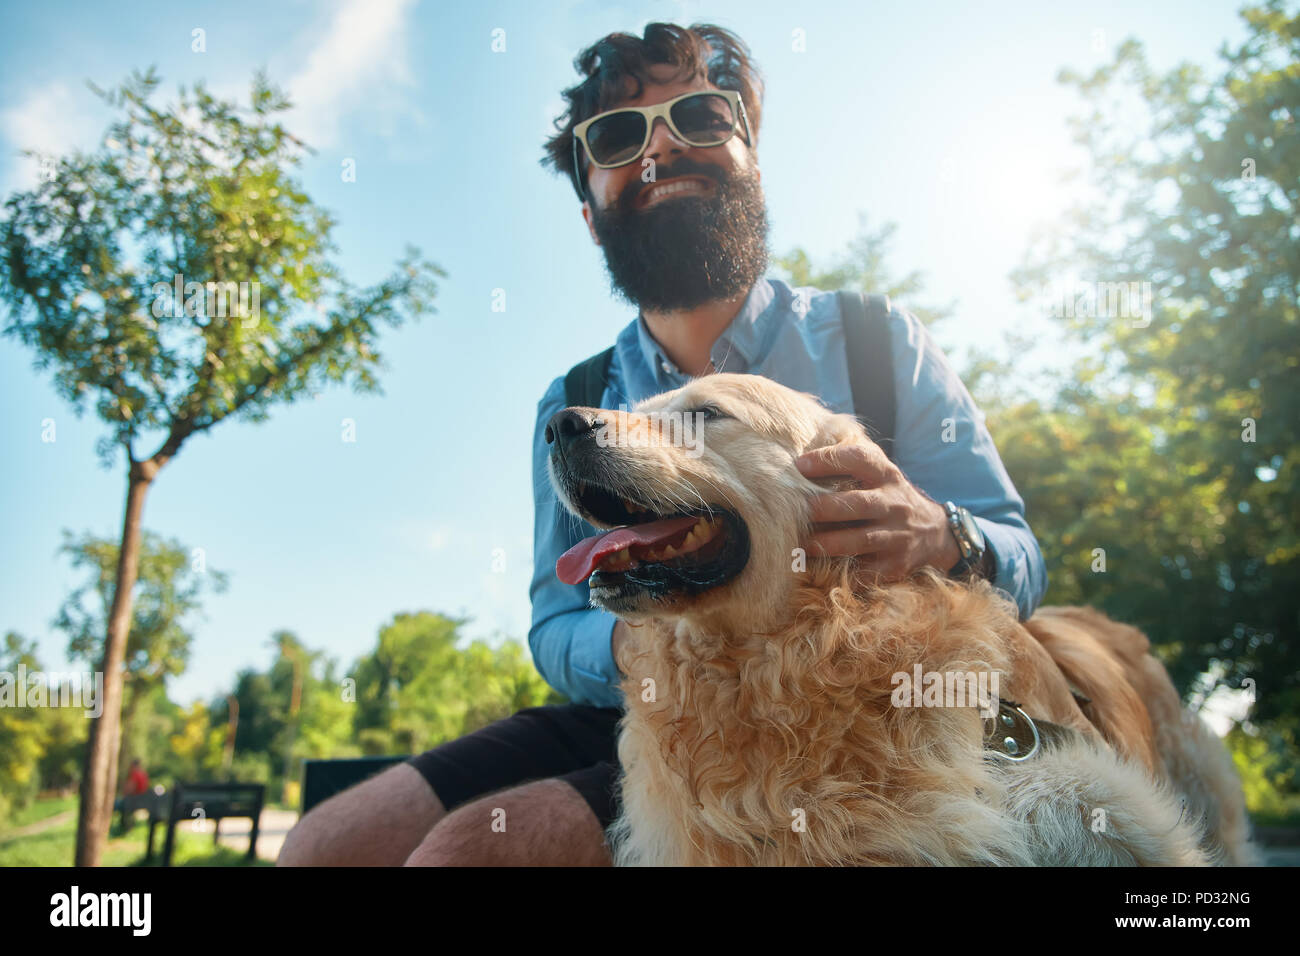 Uomo e cane divertendosi, giocando, facendo facce buffe mentre restin Immagini Stock